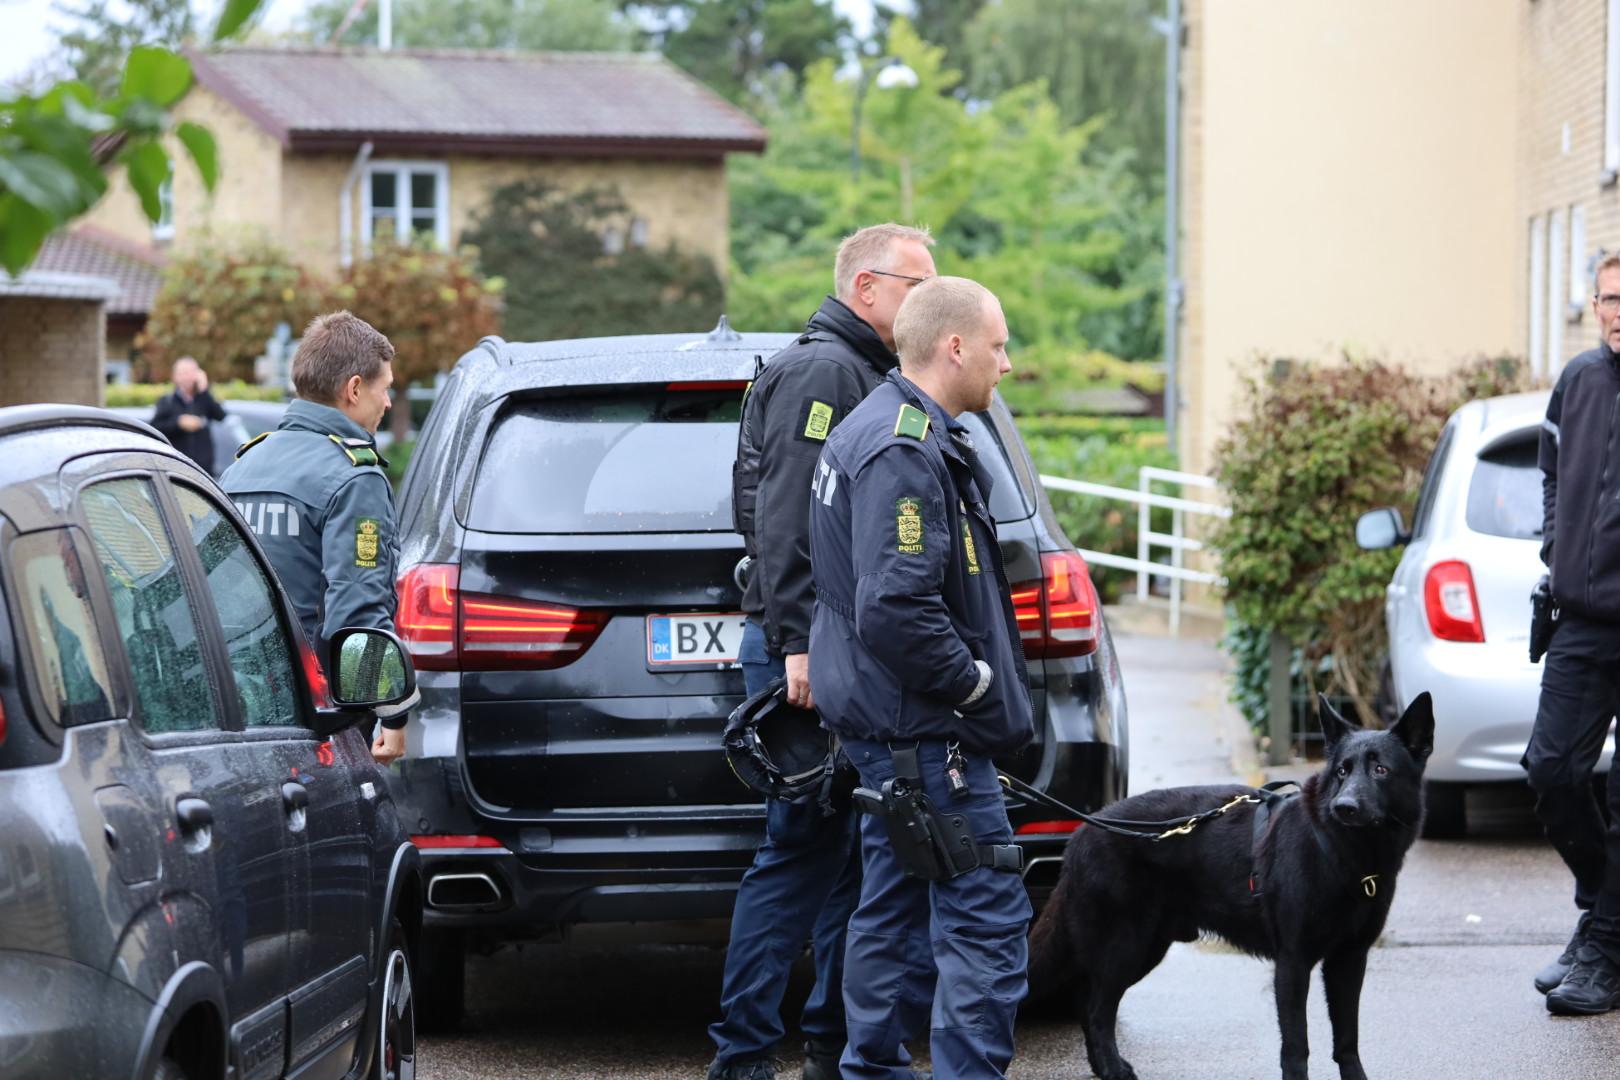 Vilde billeder: Mystisk politiaktion igang i Birkerød